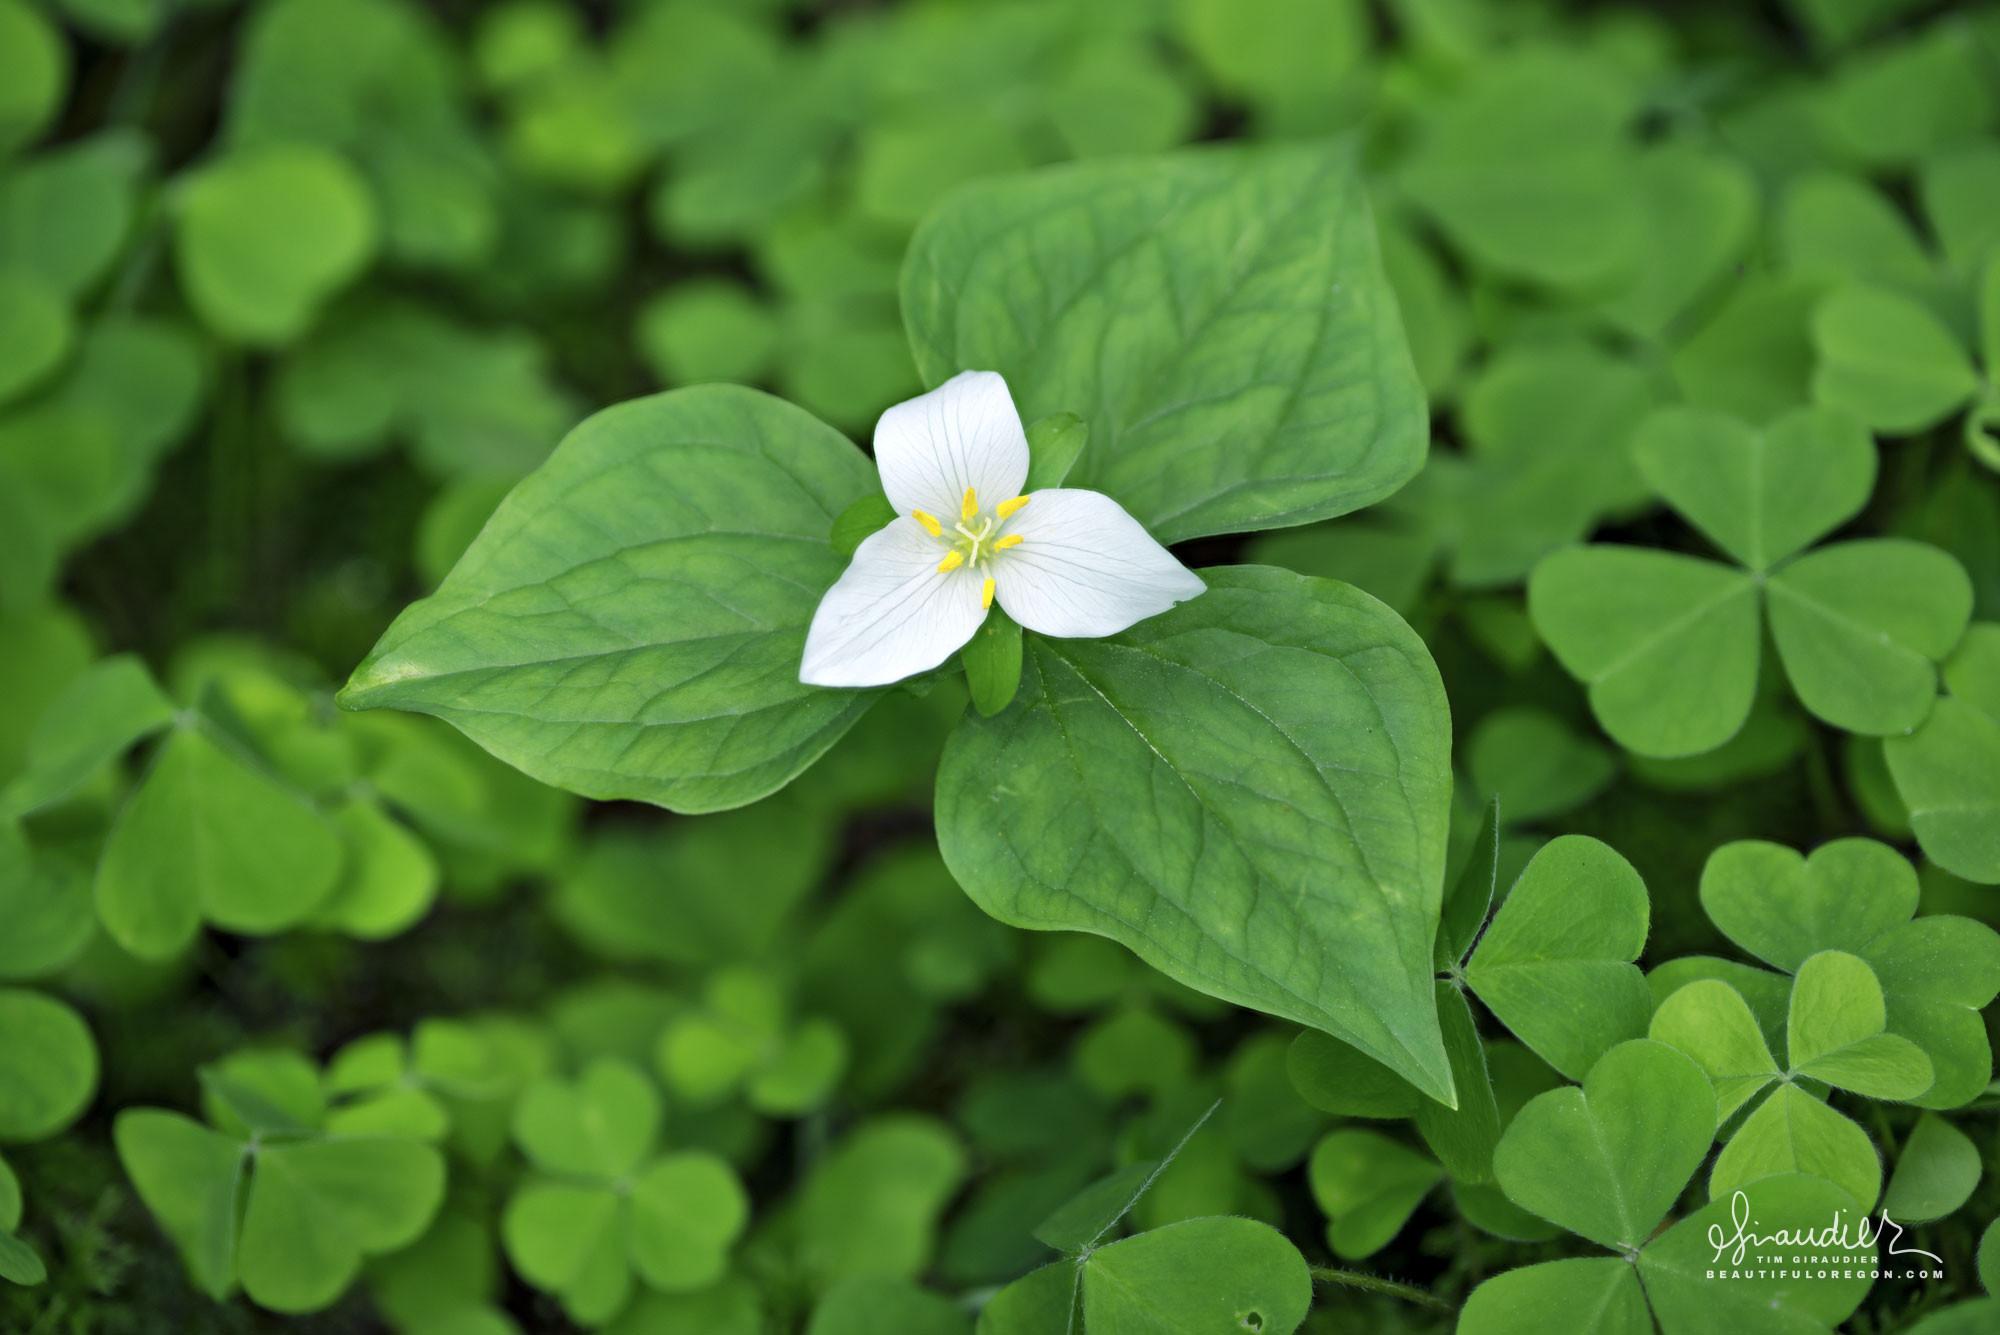 Trillium Blossom Trilium ovatum wildflowers